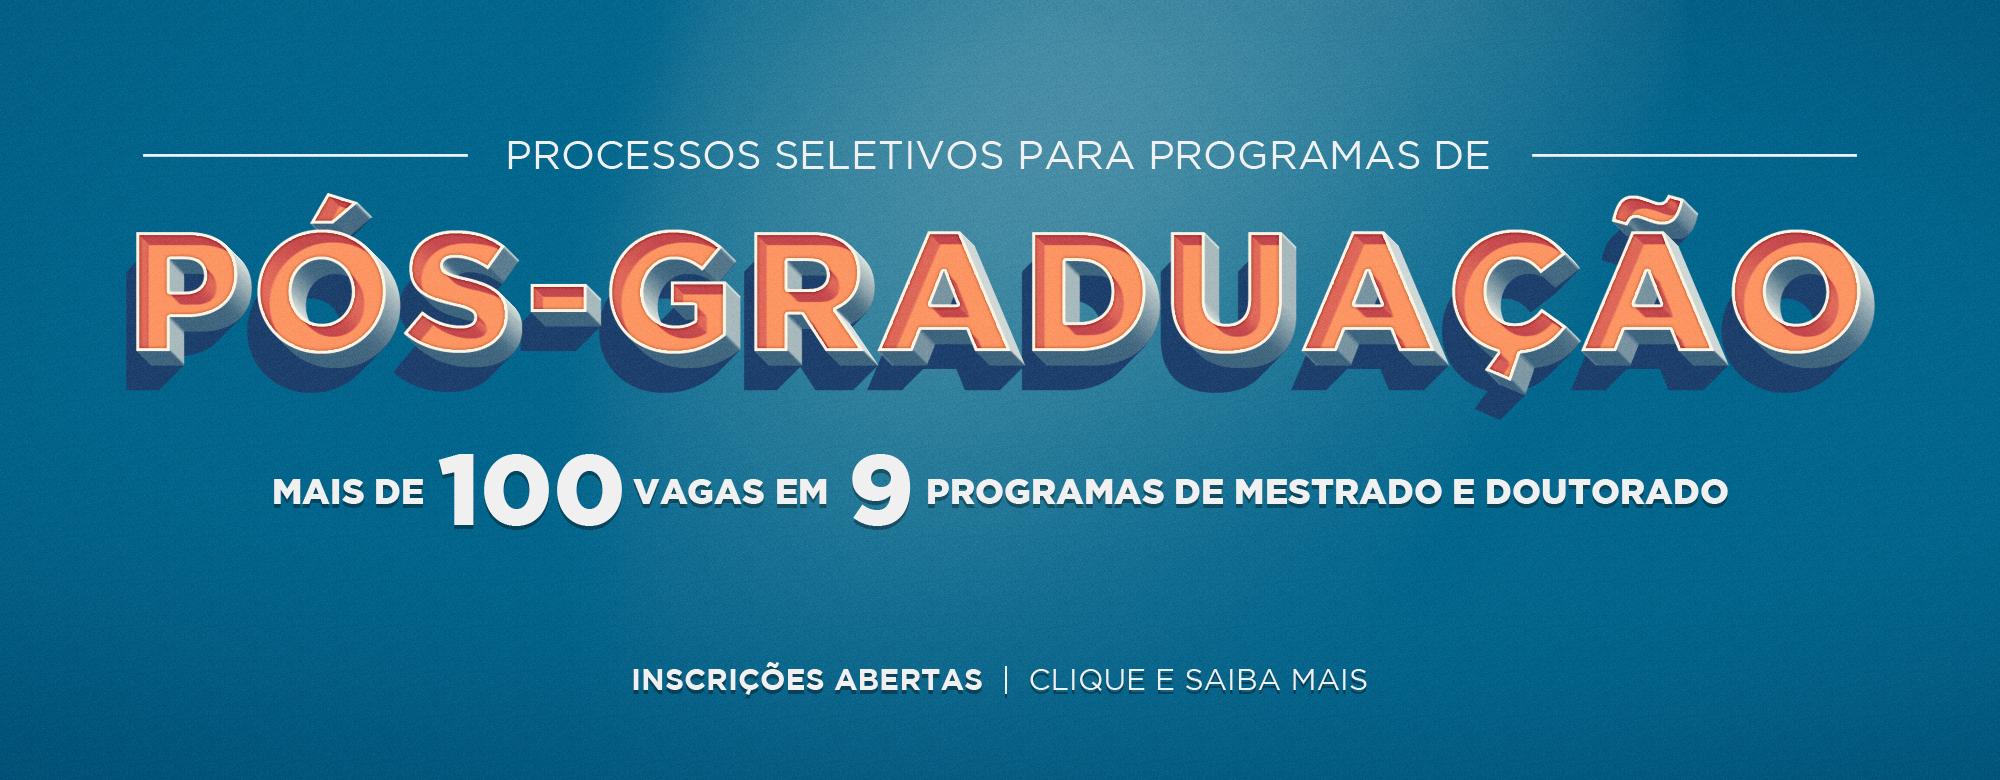 Processos Seletivos para Programas de Pós-Graduação. Mais de 100 vagas em 9 programas de mestrado e doutorado. Inscrições abertas. Clique e saiba mais.